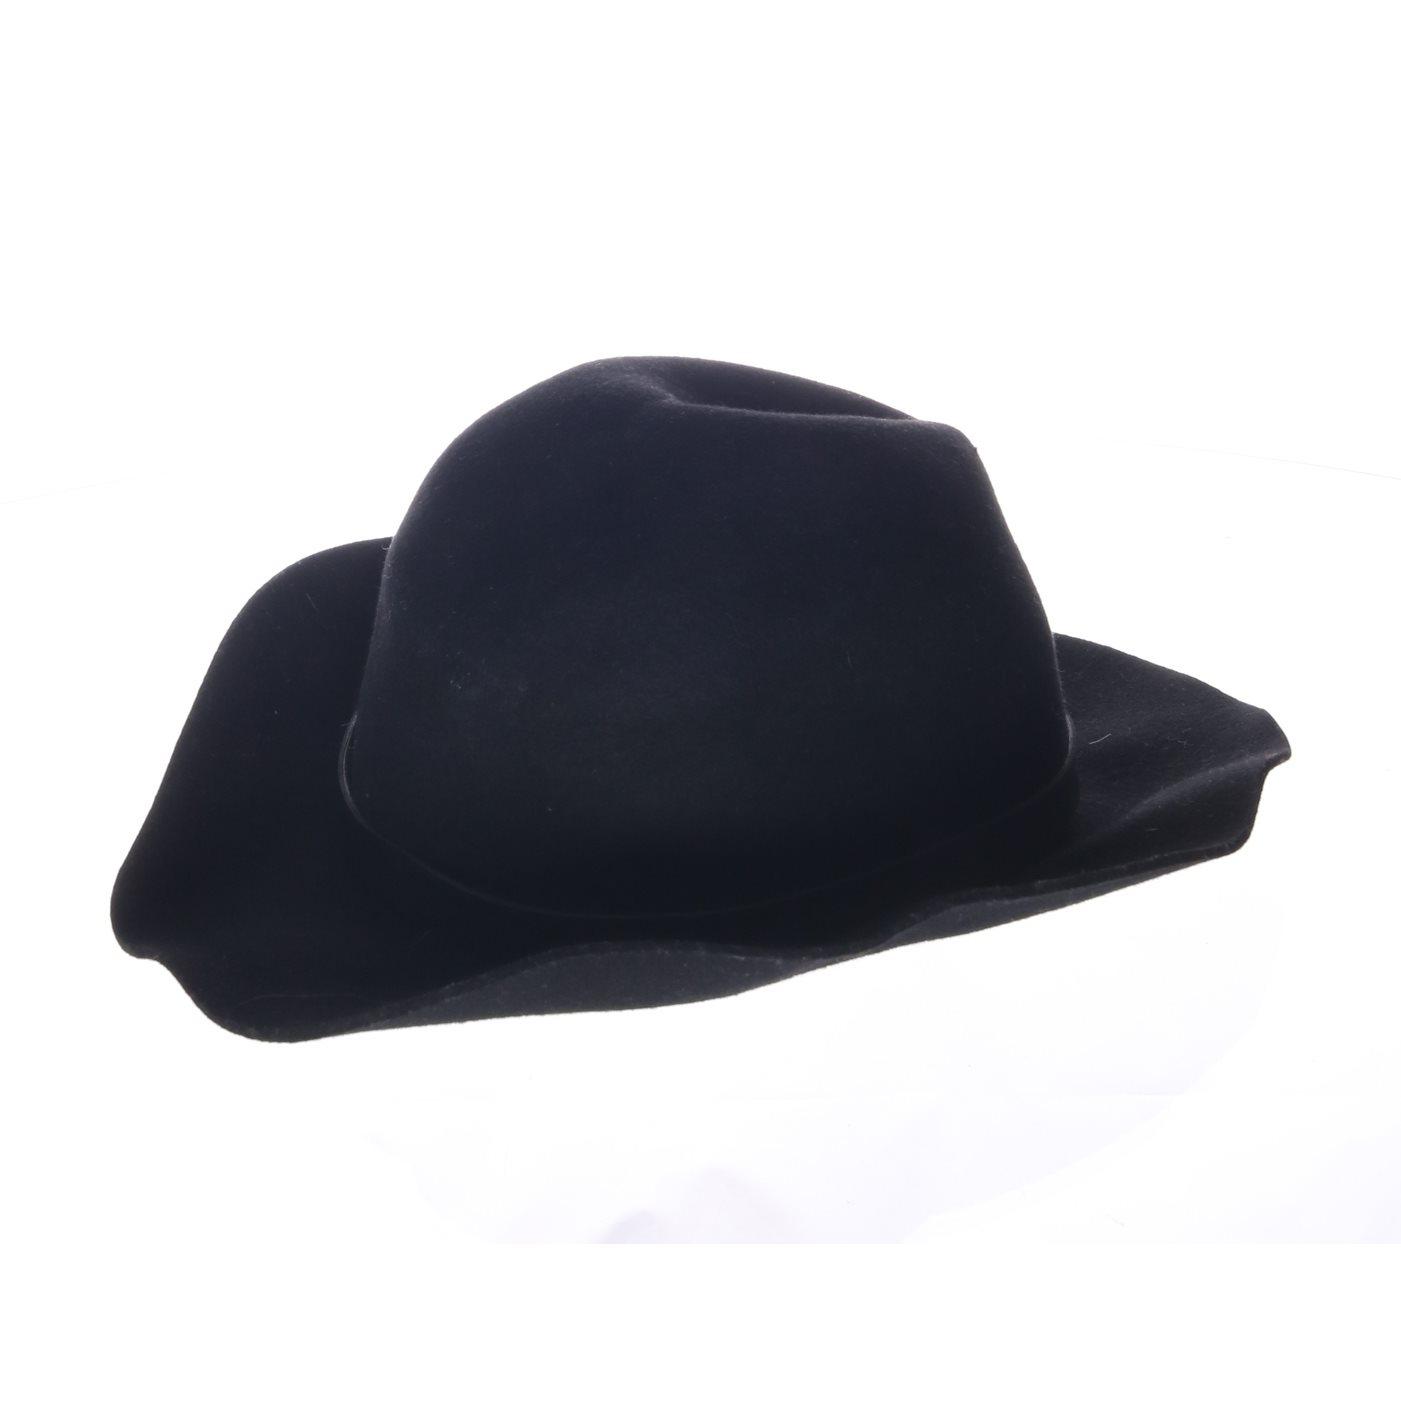 har skrynkliga hattar